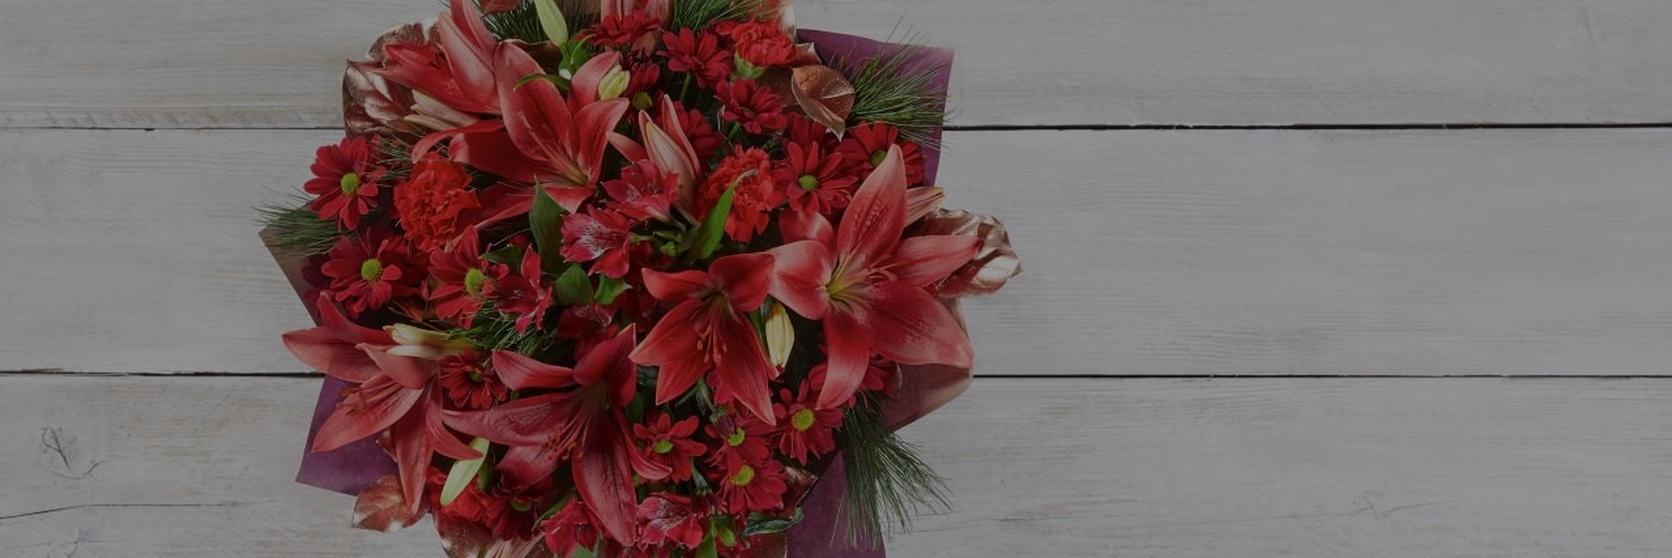 Christmas-flowers-ott